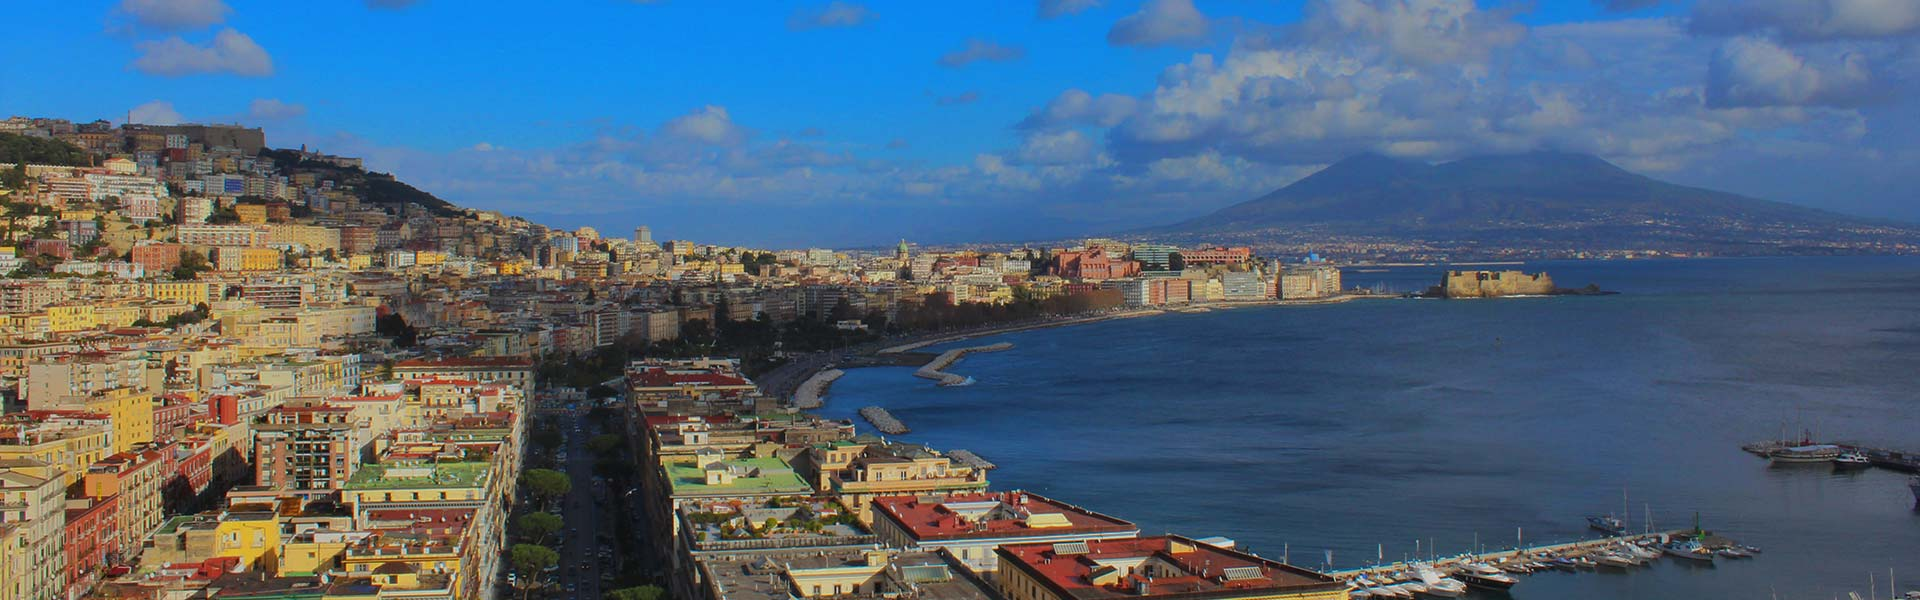 Napoli turismo, la città di Napoli e come visitarla